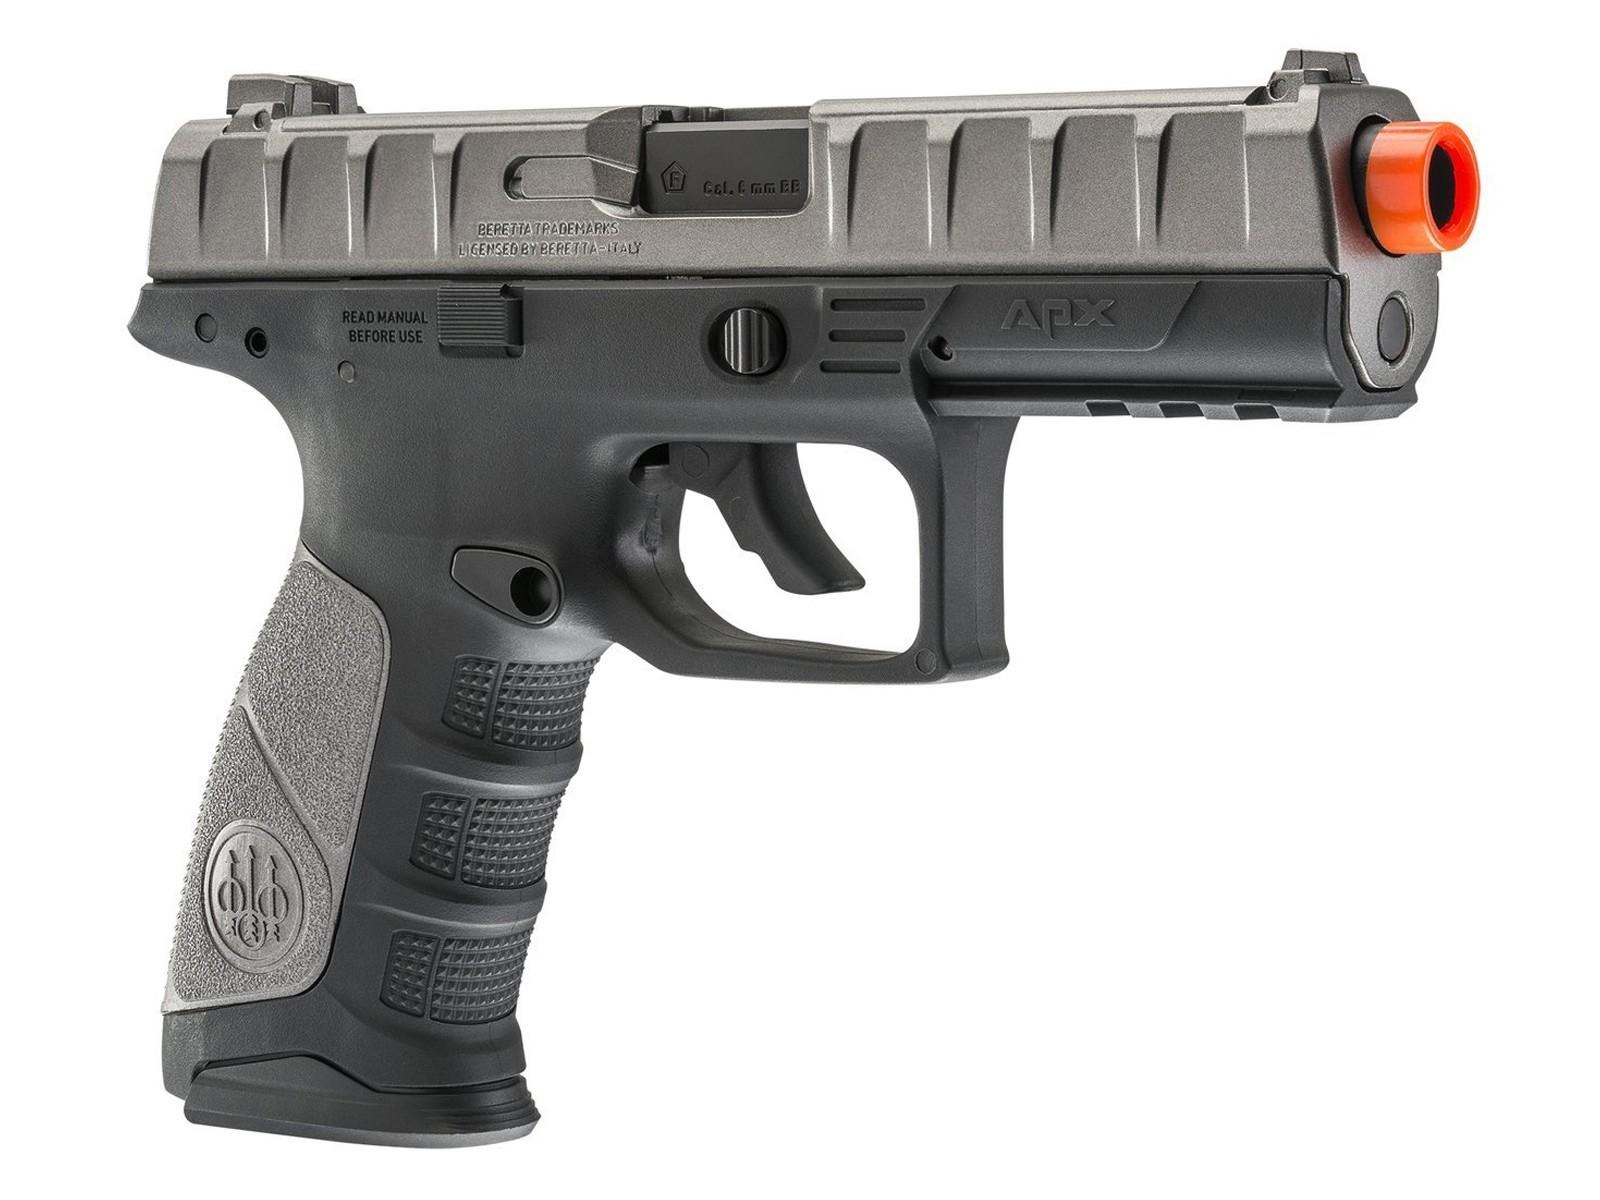 Beretta APX CO2